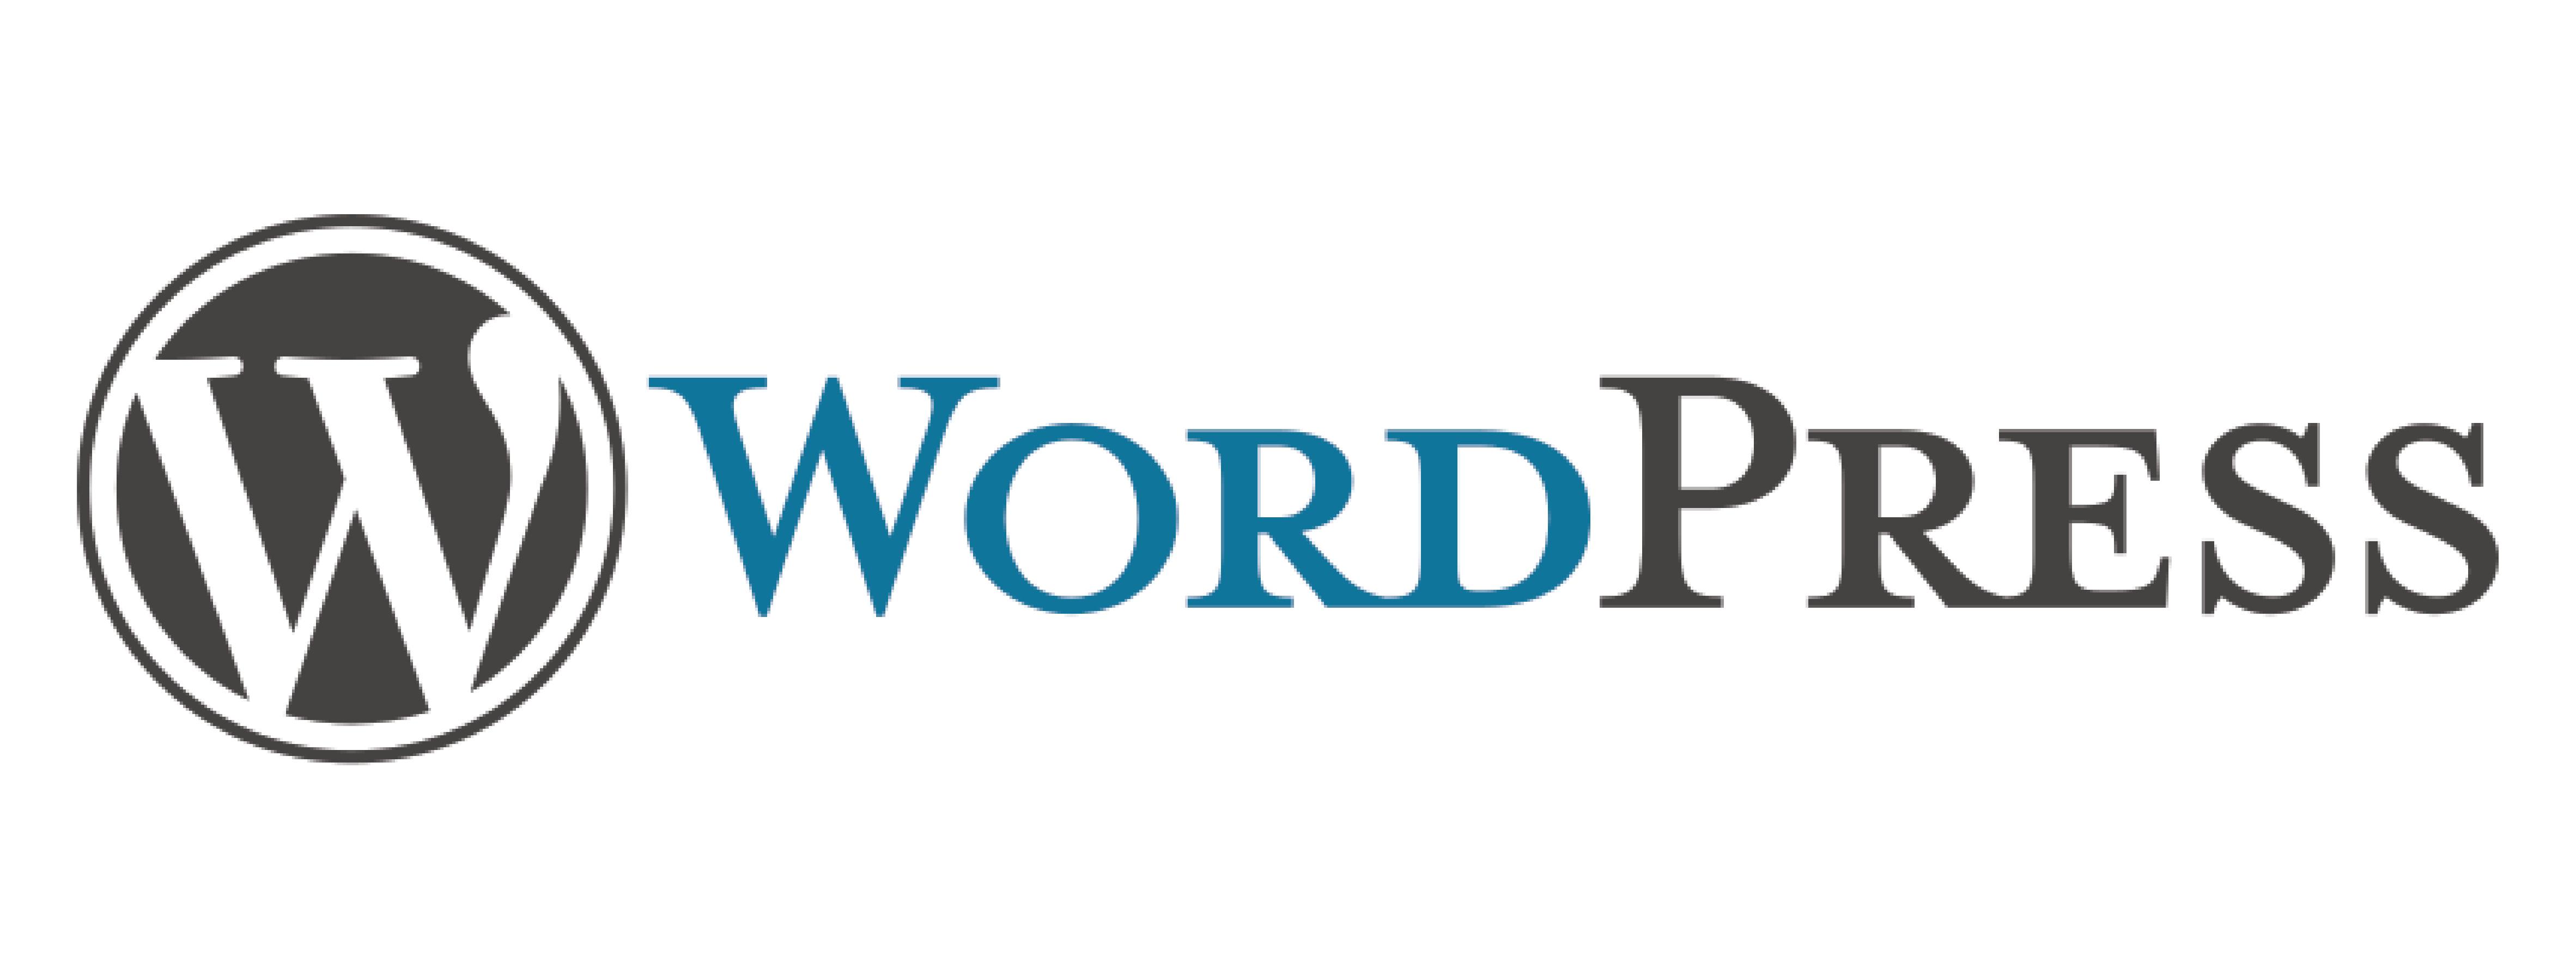 wordpress-logo-nidyanet